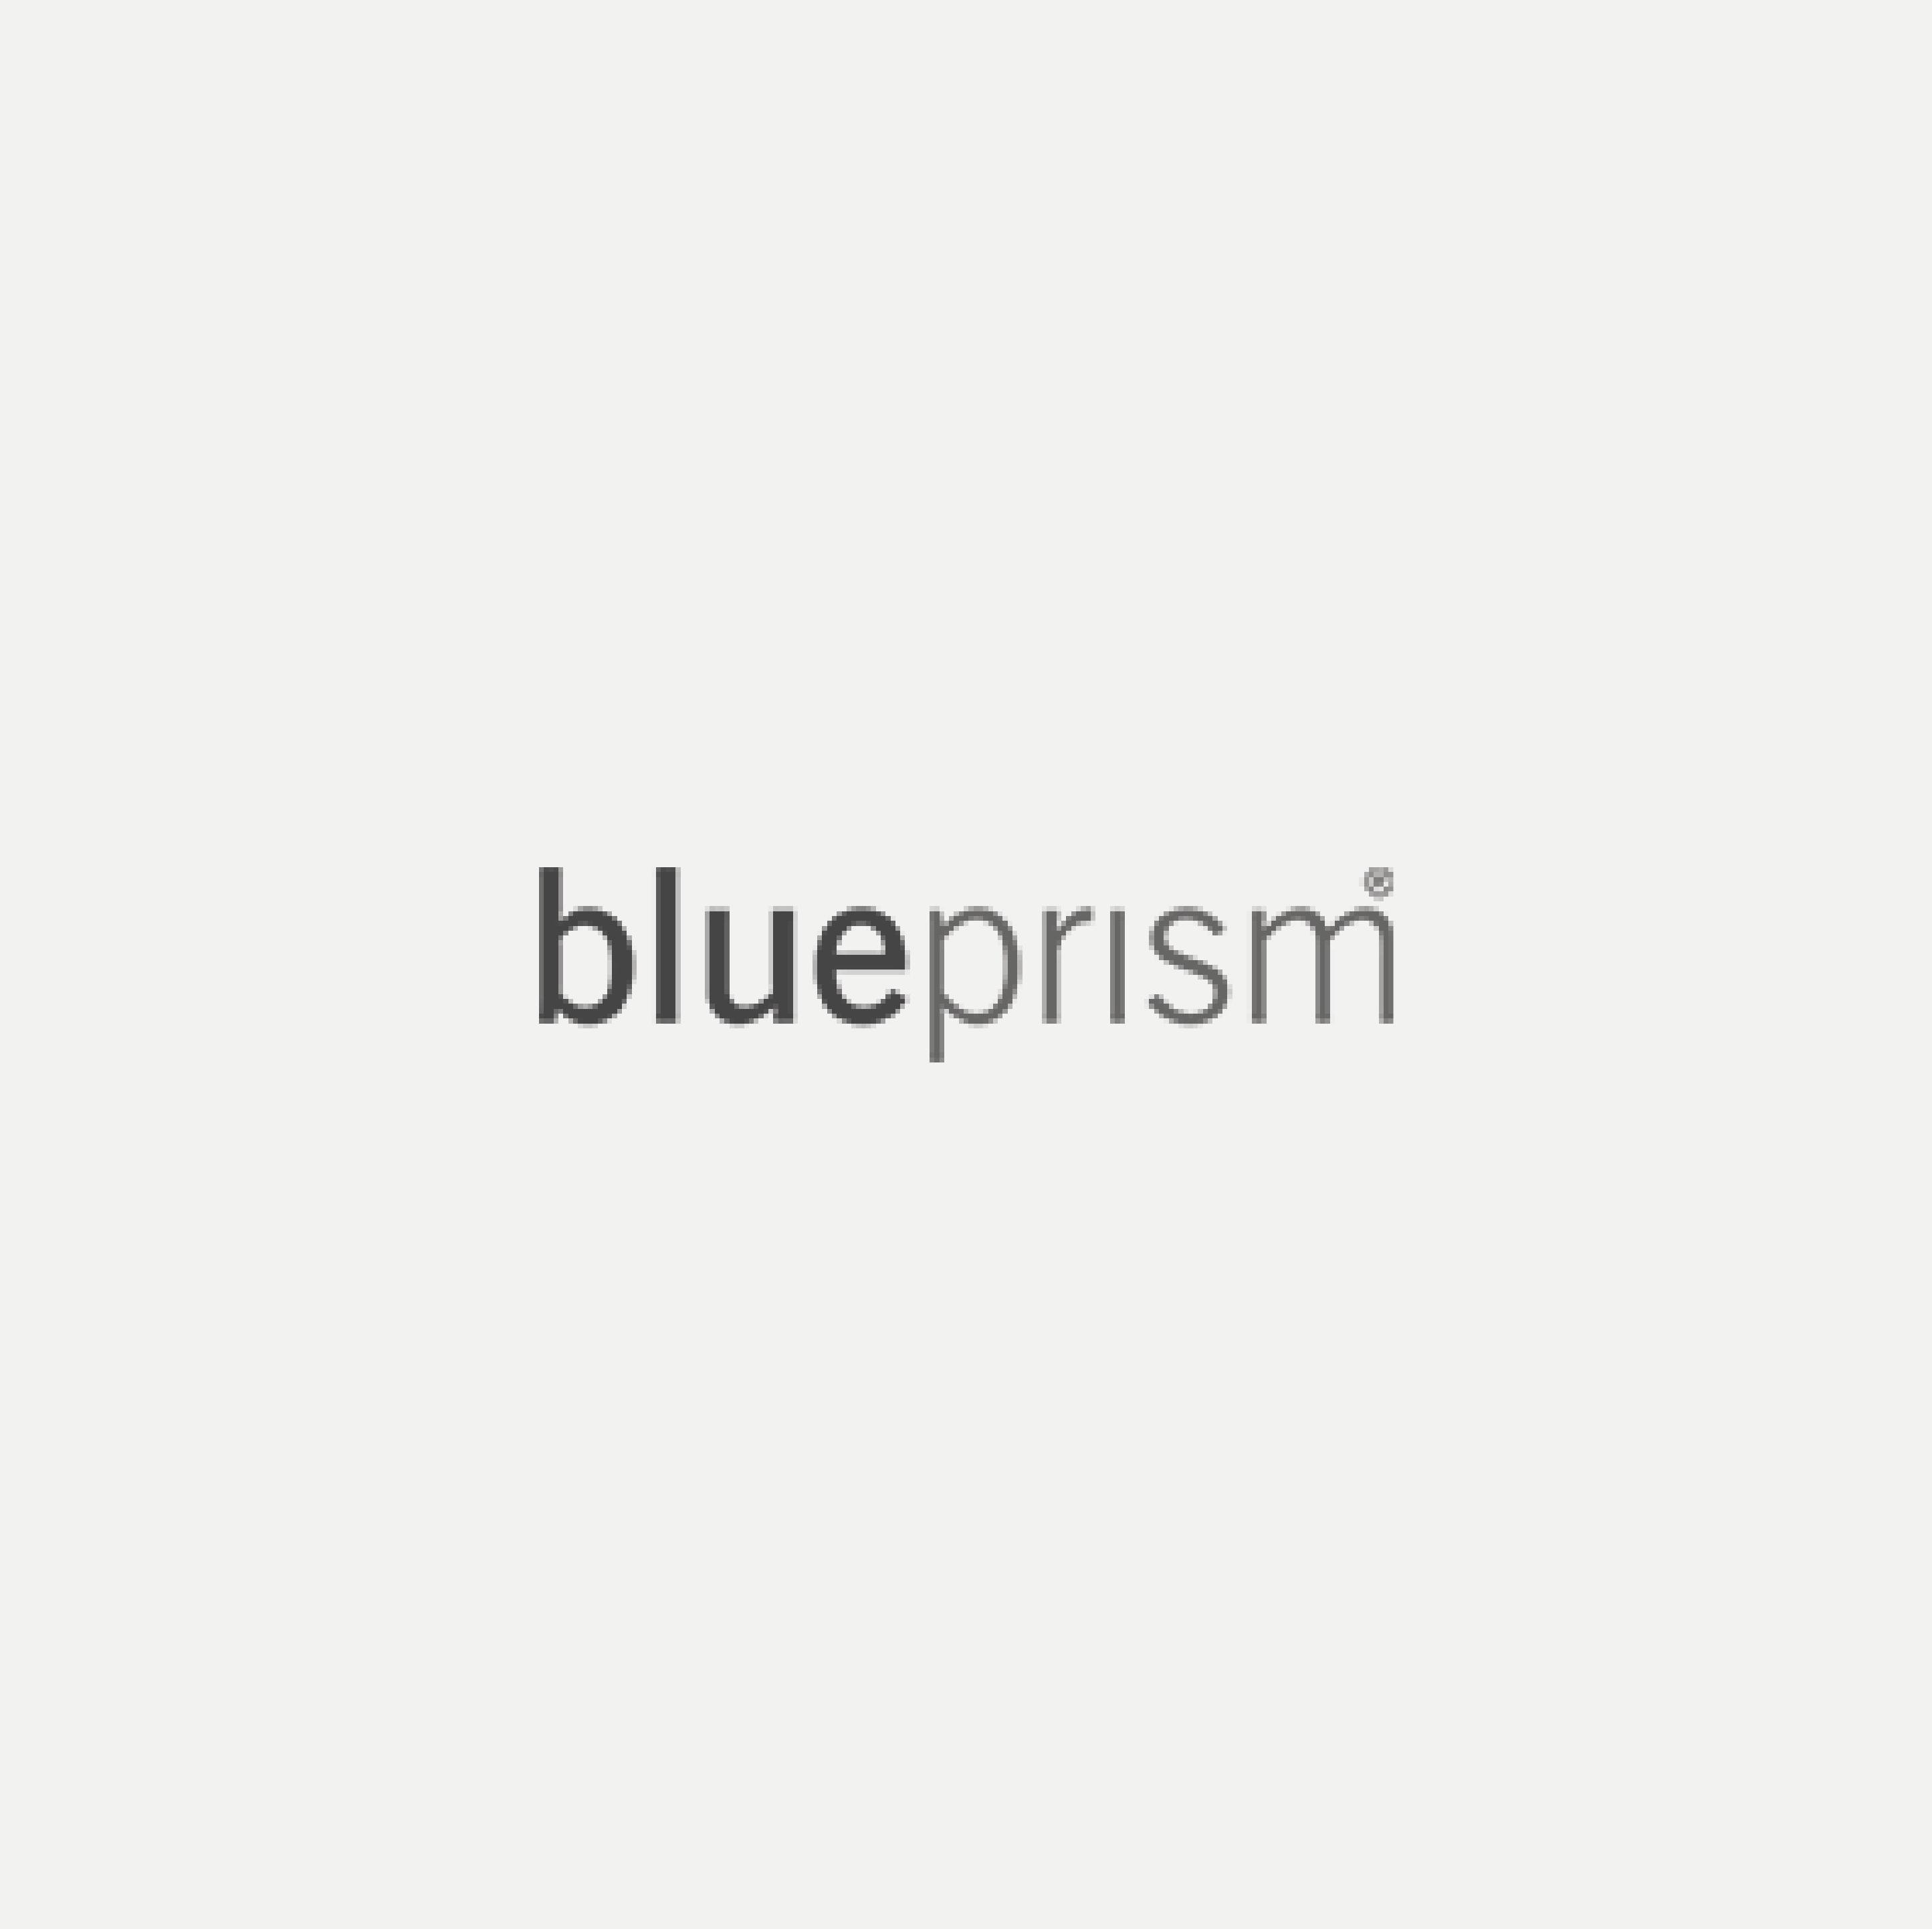 Academia Formação BluePrism